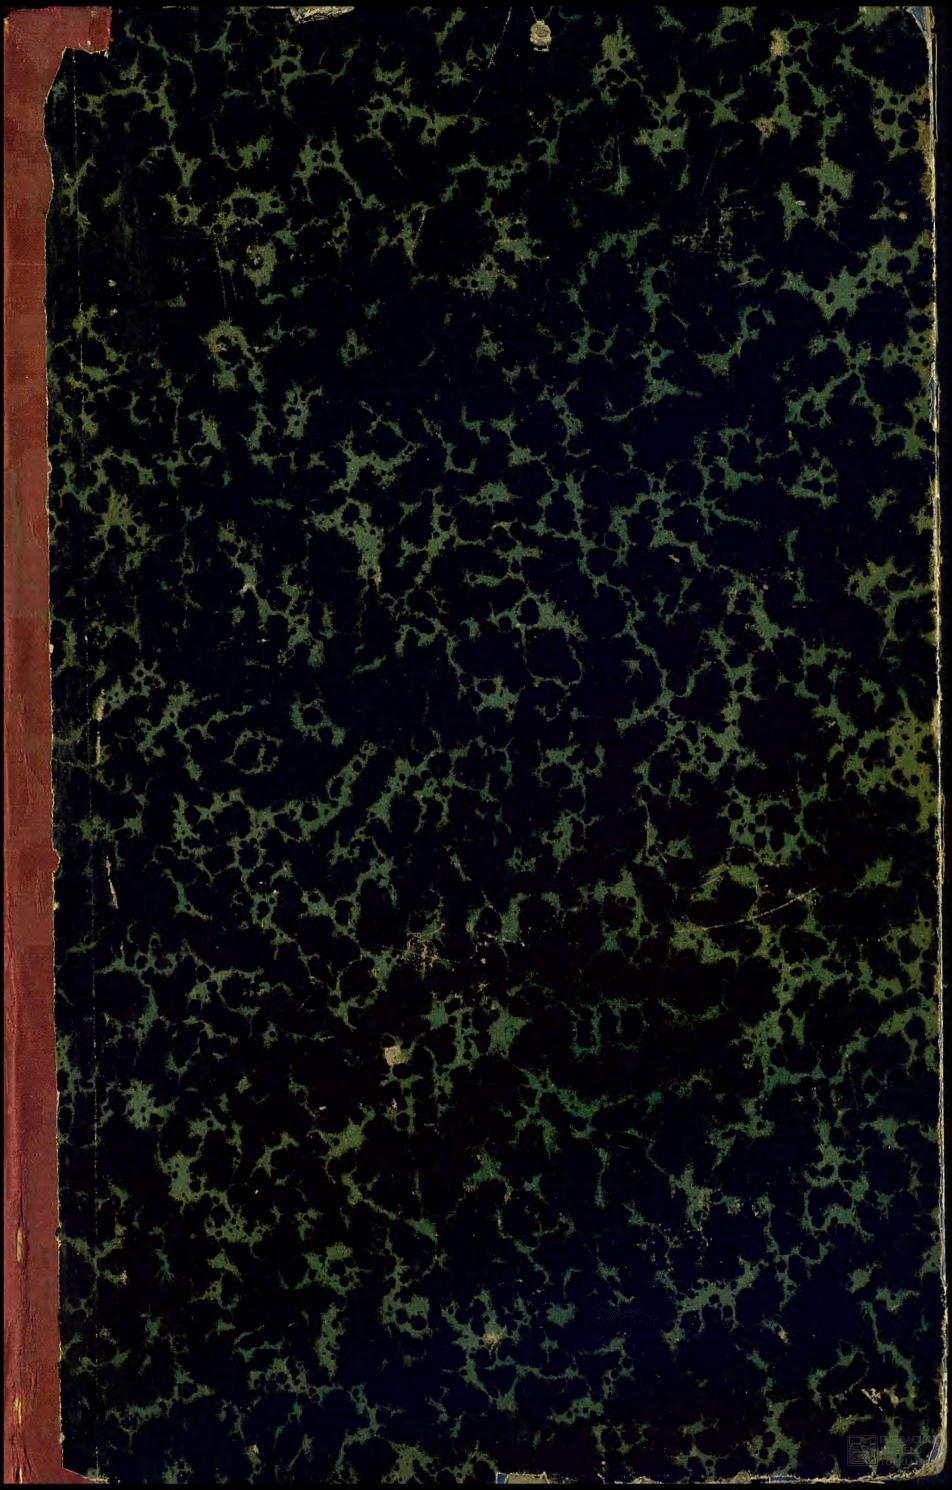 Gótico Emo Estilo Ombligo del vientre Bar hacha Negro Estrella Piedra joyas de cuerpo